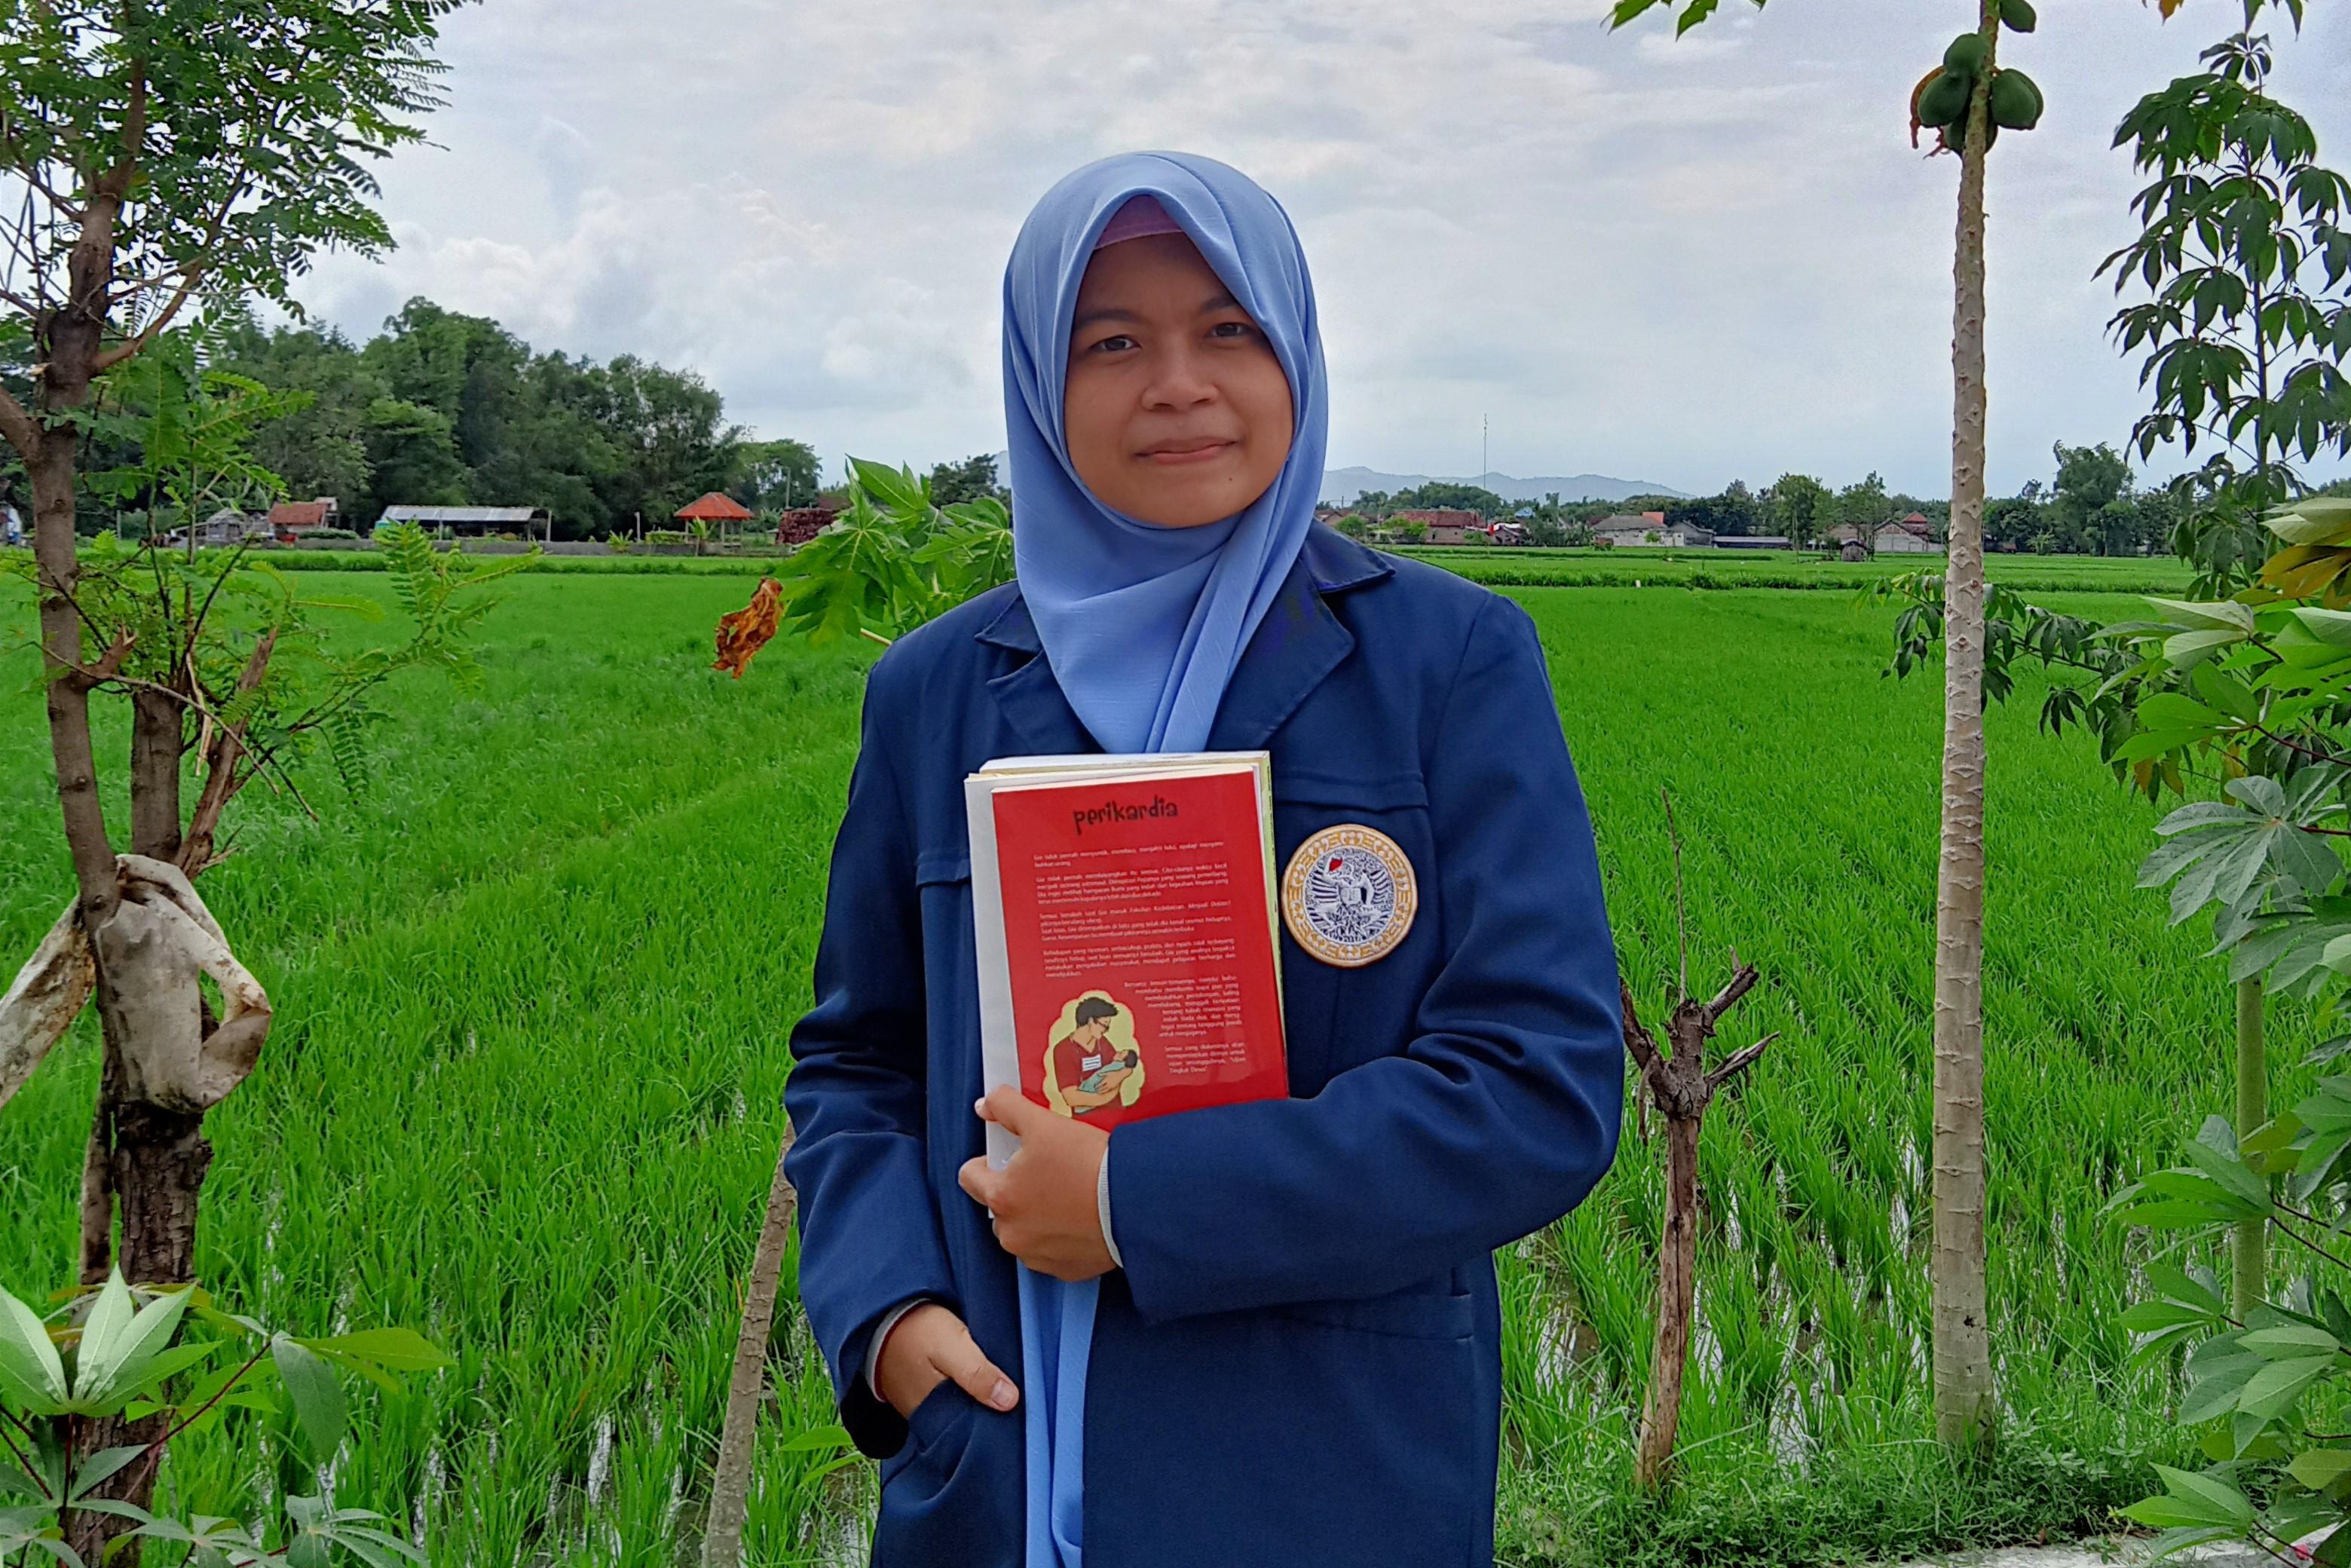 Kuliah dengan Beasiswa, Rosda Jadi Wisudawan Berprestasi FK Unair - JPNN.com Jatim